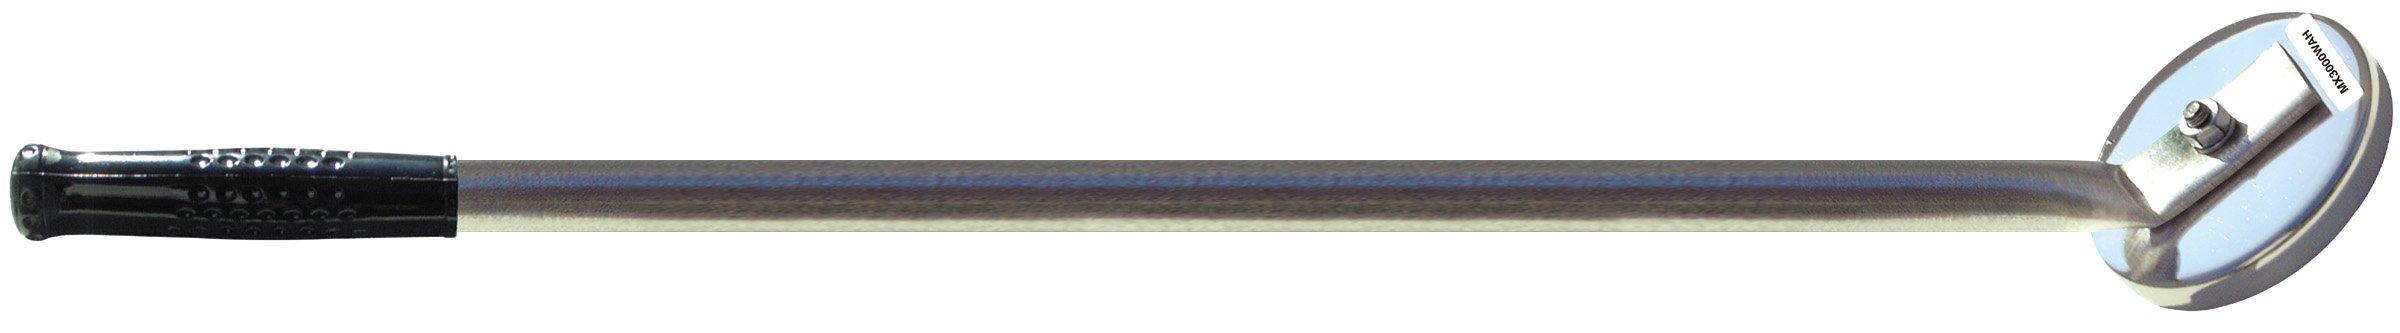 MAG-MATE MX3000WAH Magnetic 38'' Long Reach Pickup Tool, 47.5 lb